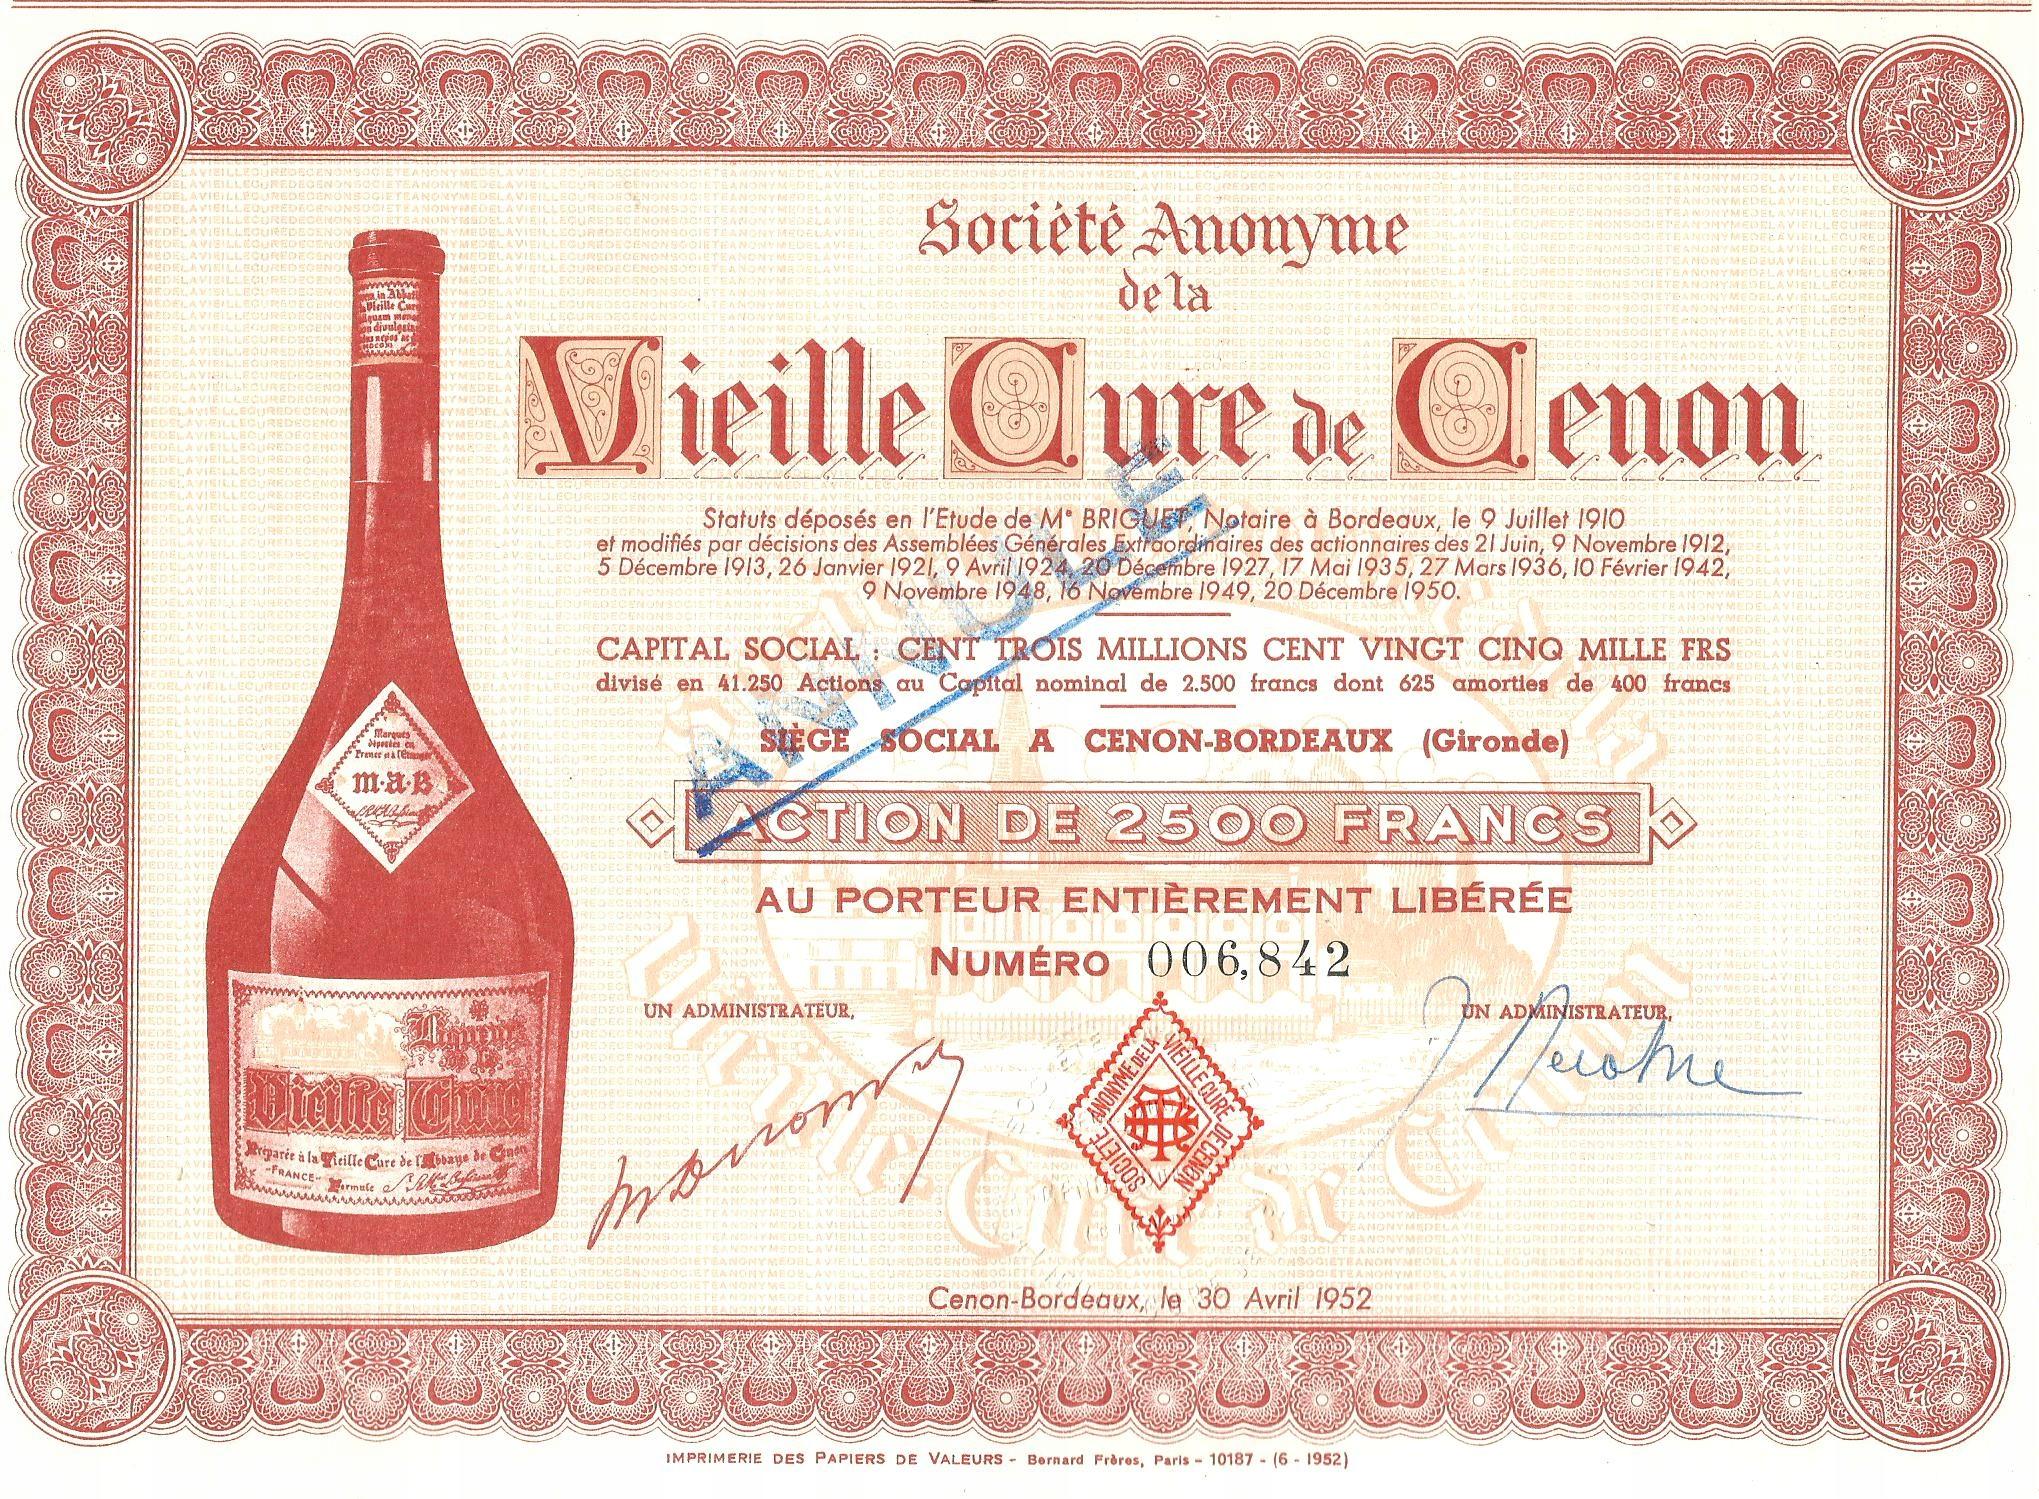 !WINO BORDEAUX! VIEILLE CURE DE CENON! S. DEKO!